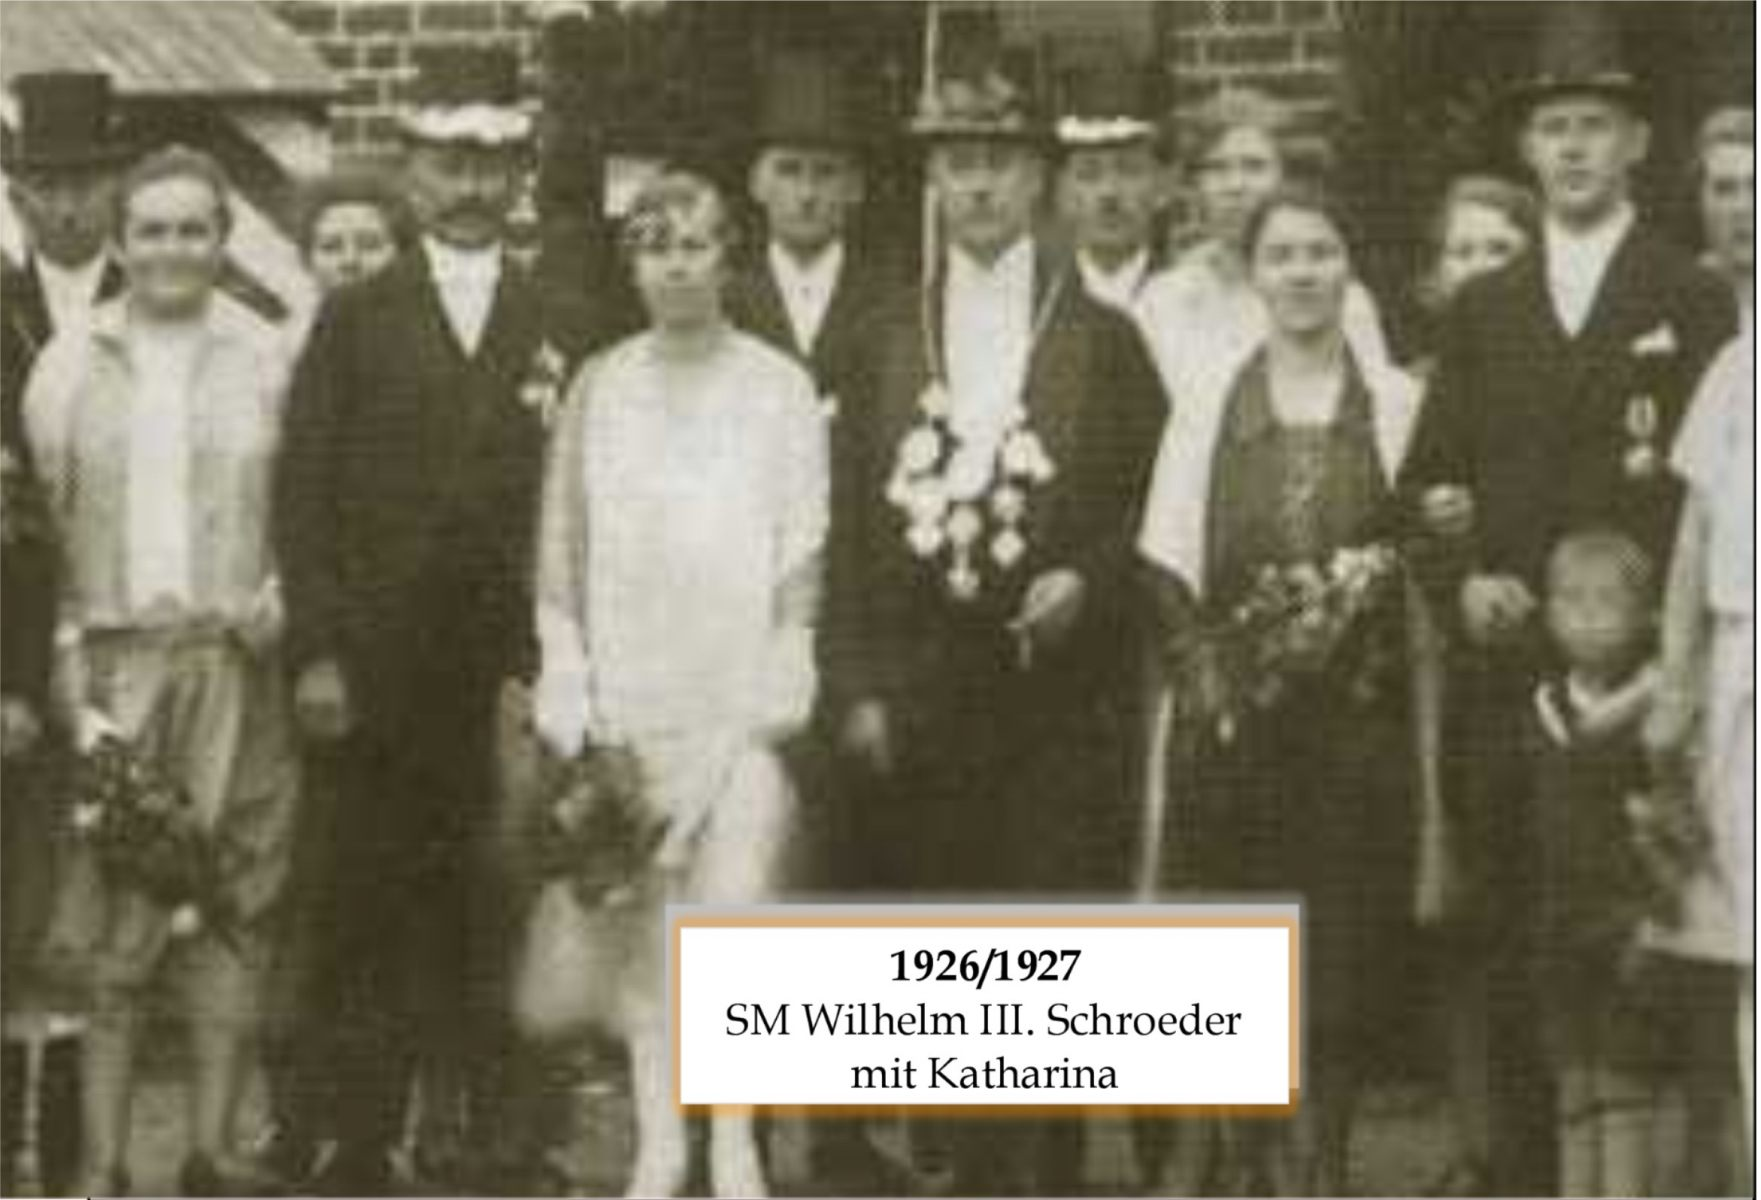 SM 1926 Wilhelm III Schroeder mit Katharina